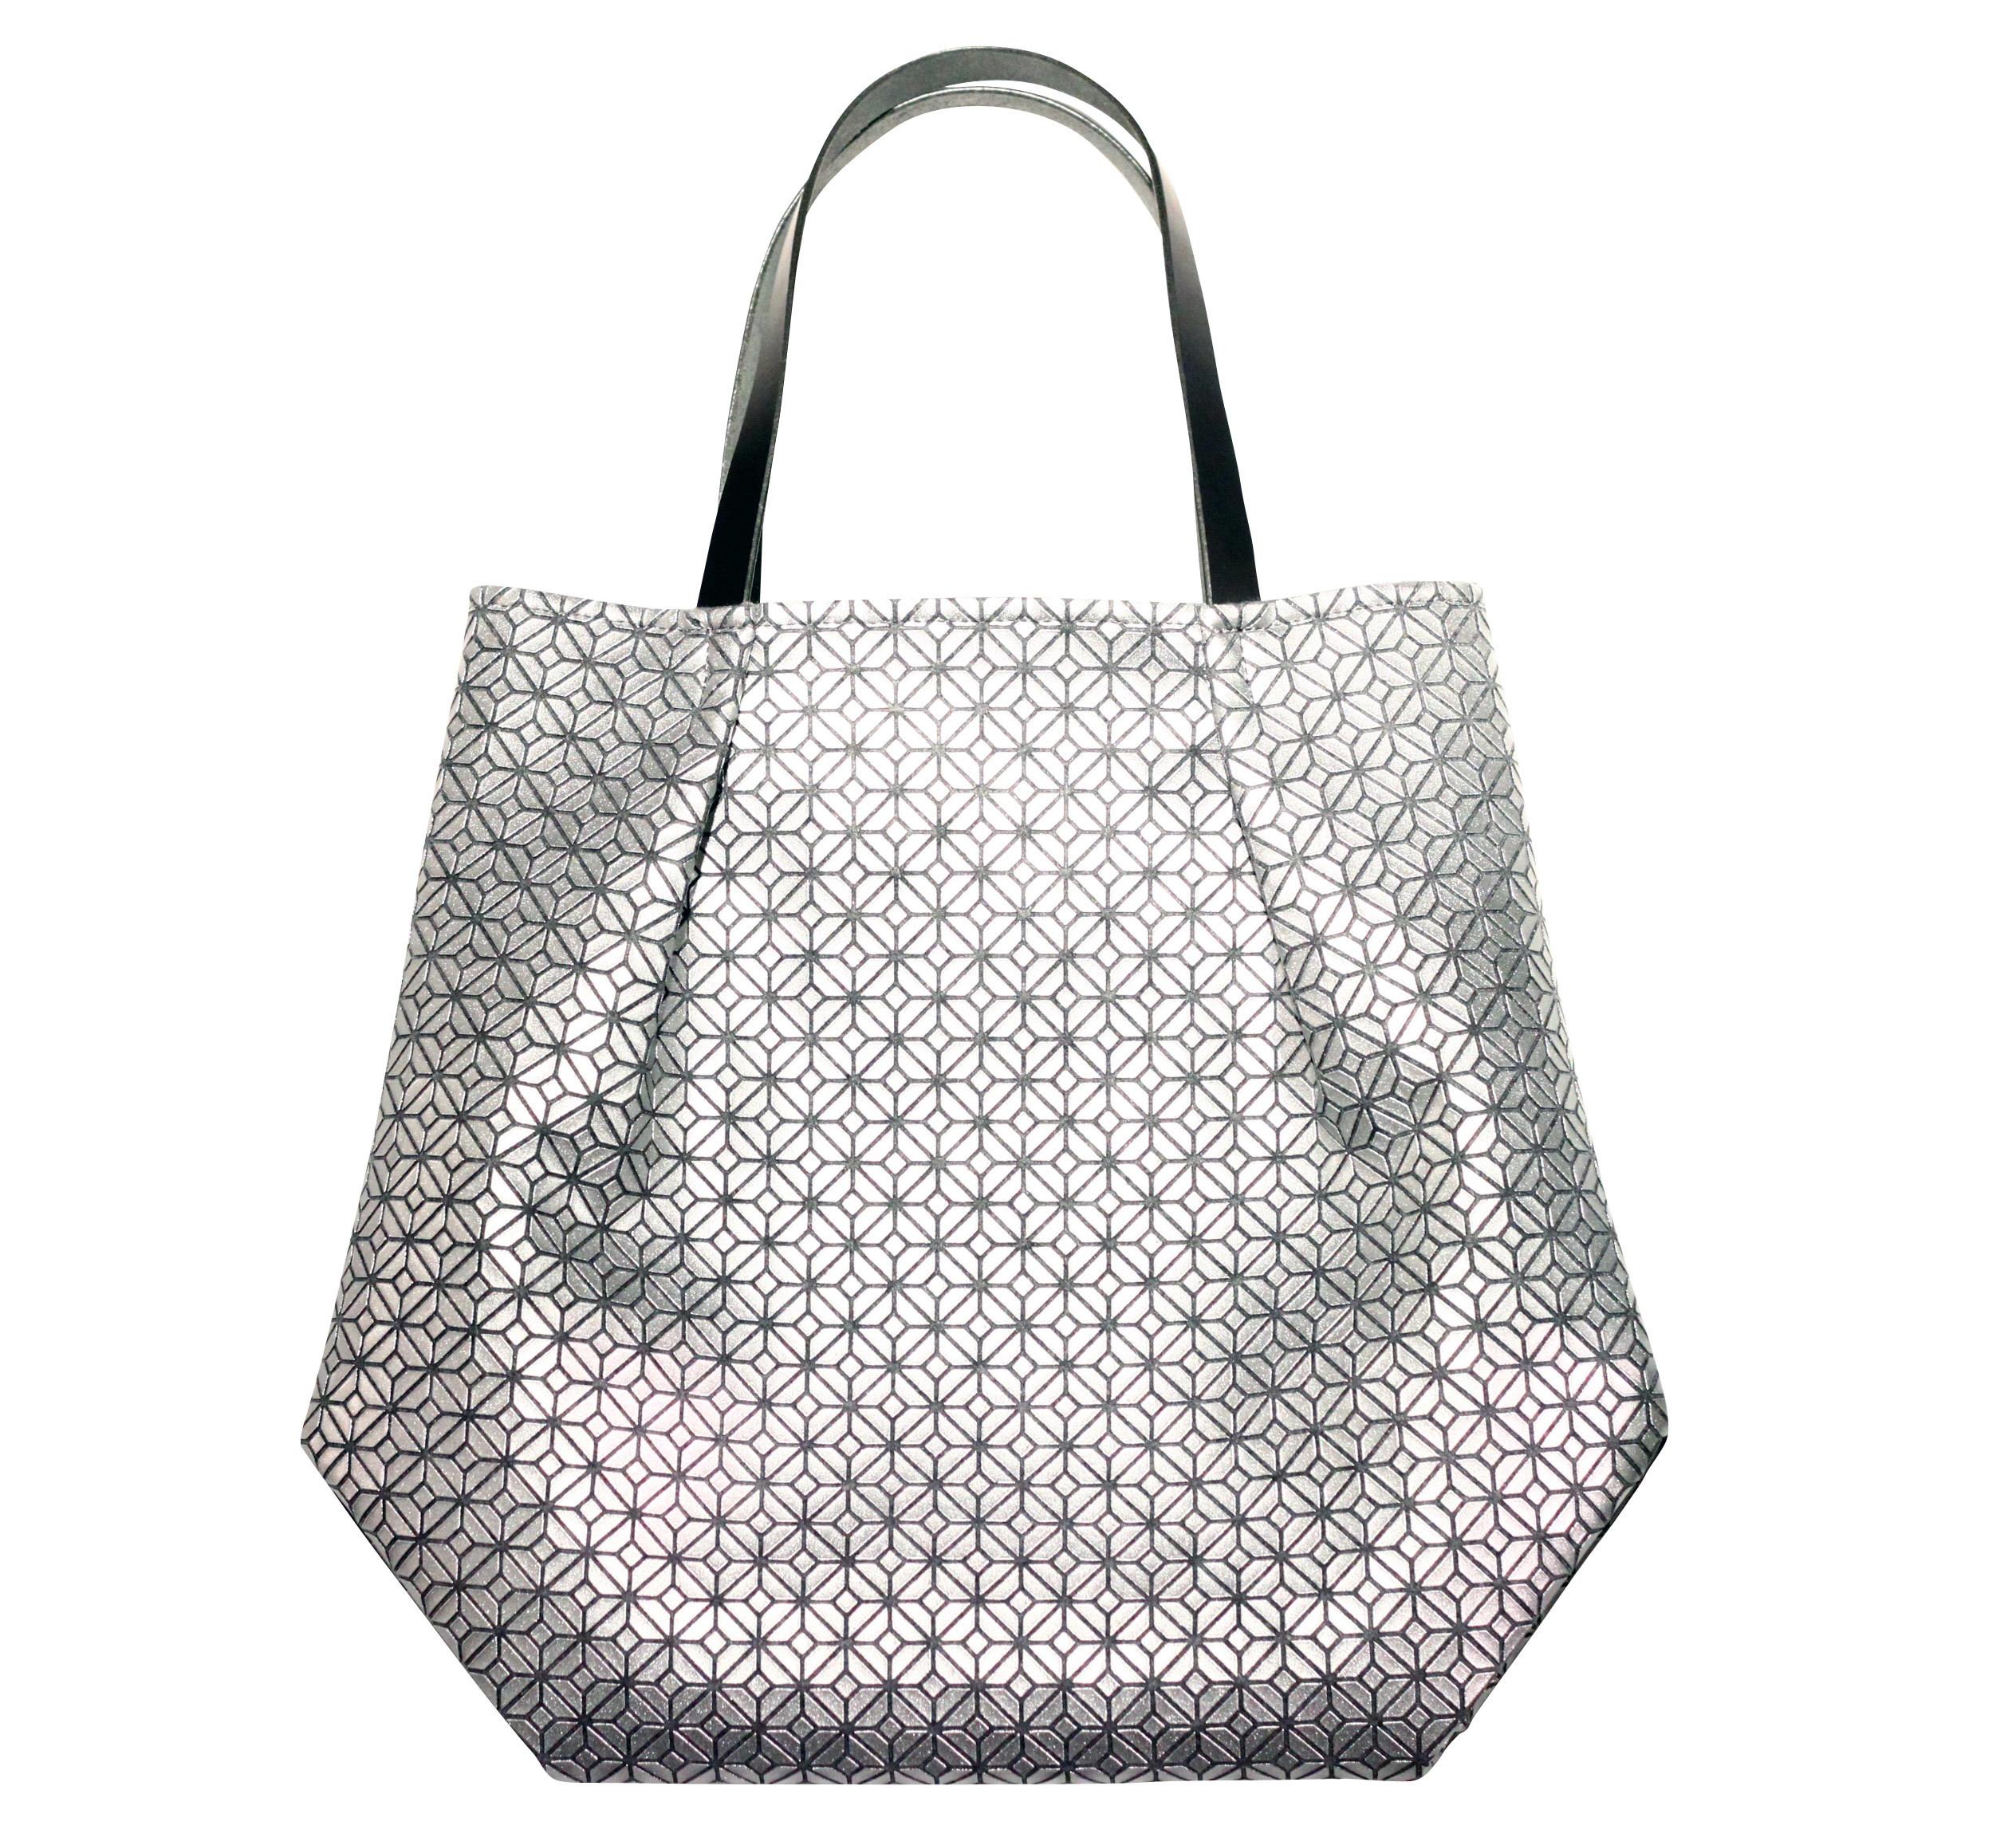 COMMON tote Bag / SILVER GRAY